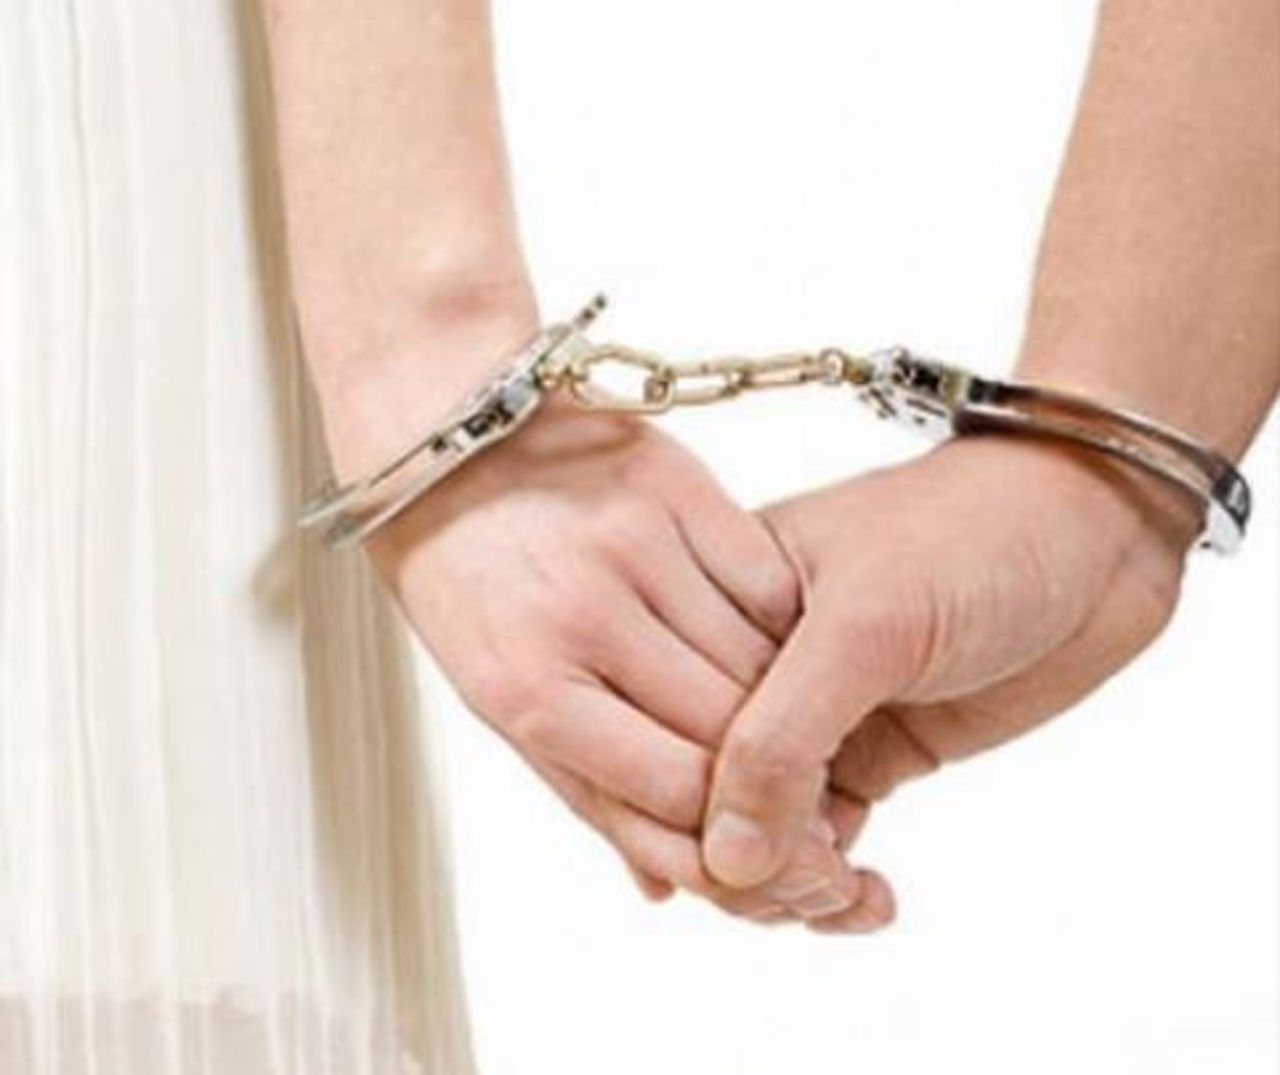 ВБашкирии влюбленная пара заночь сделала два разбойных нападения